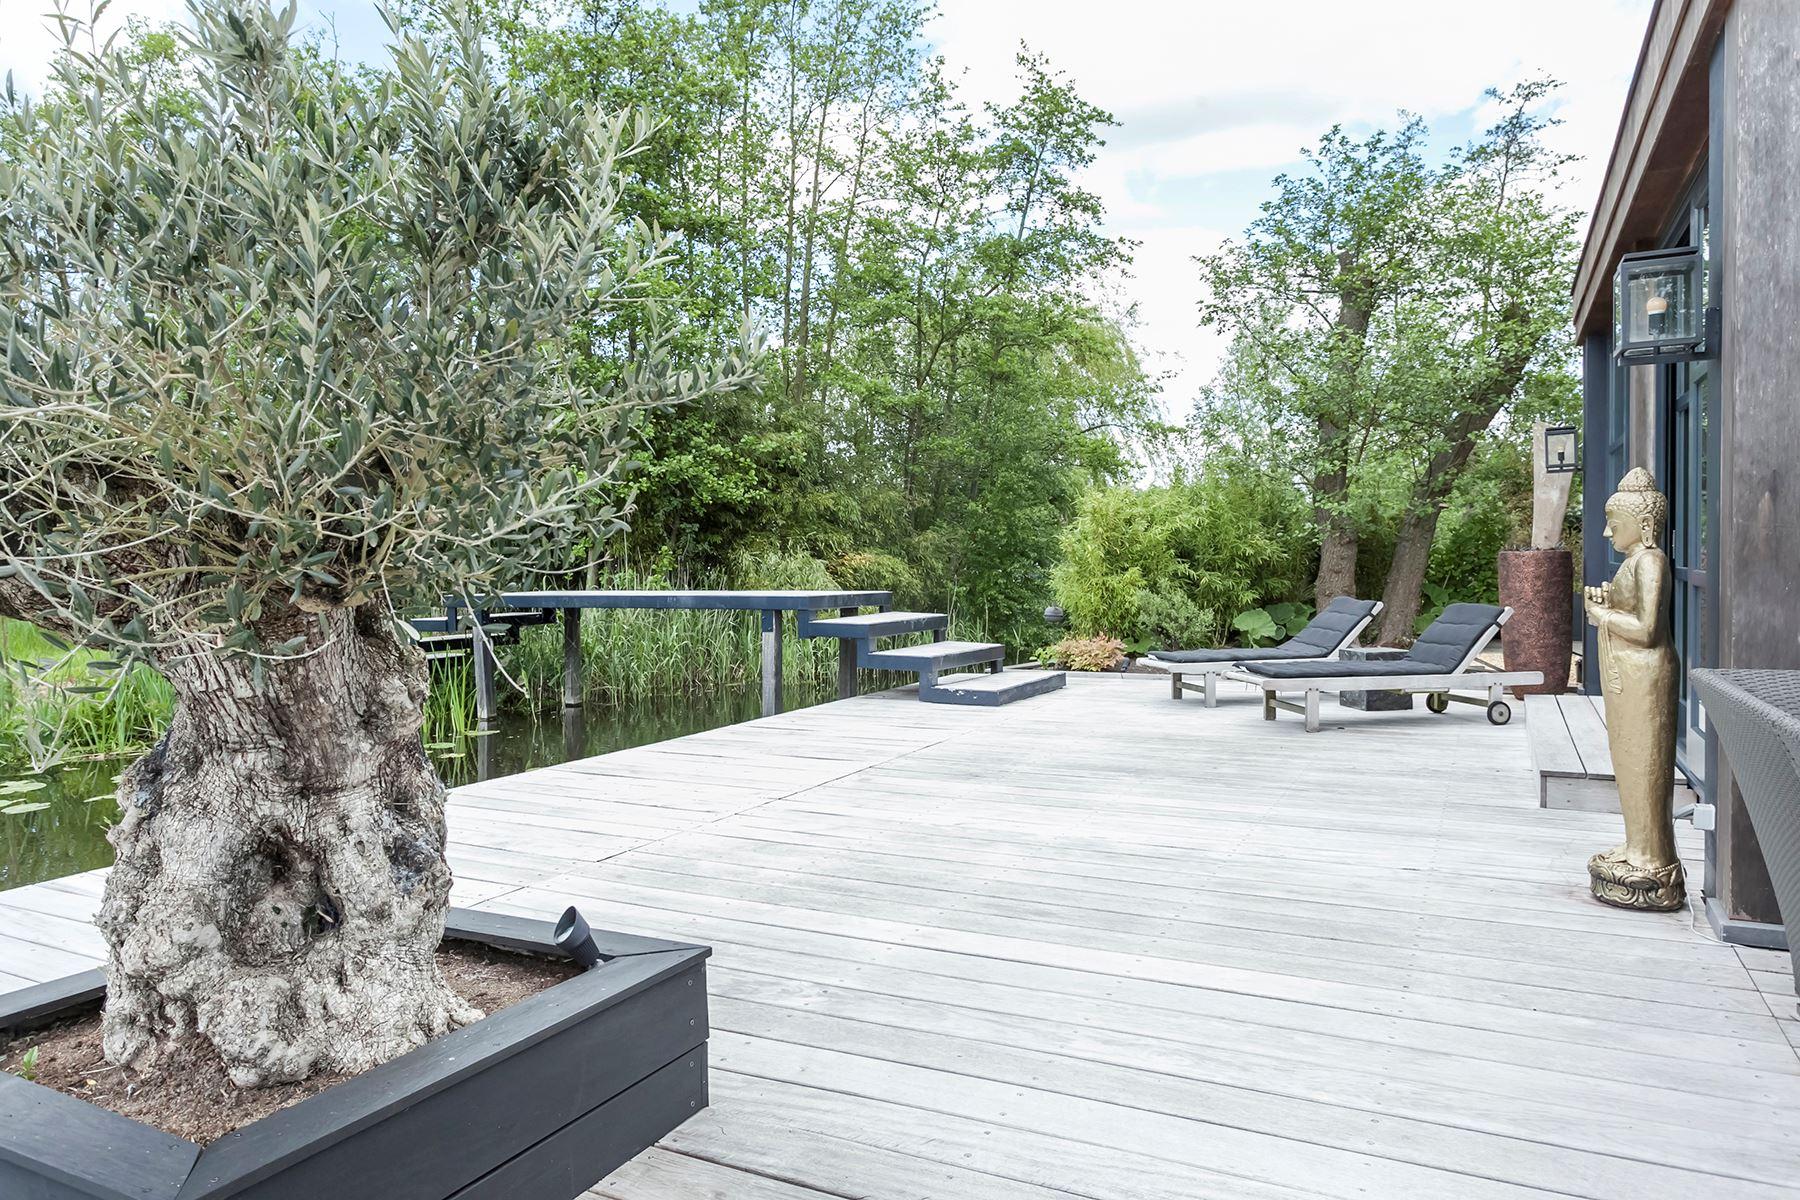 деревянная терраса деревья мостик